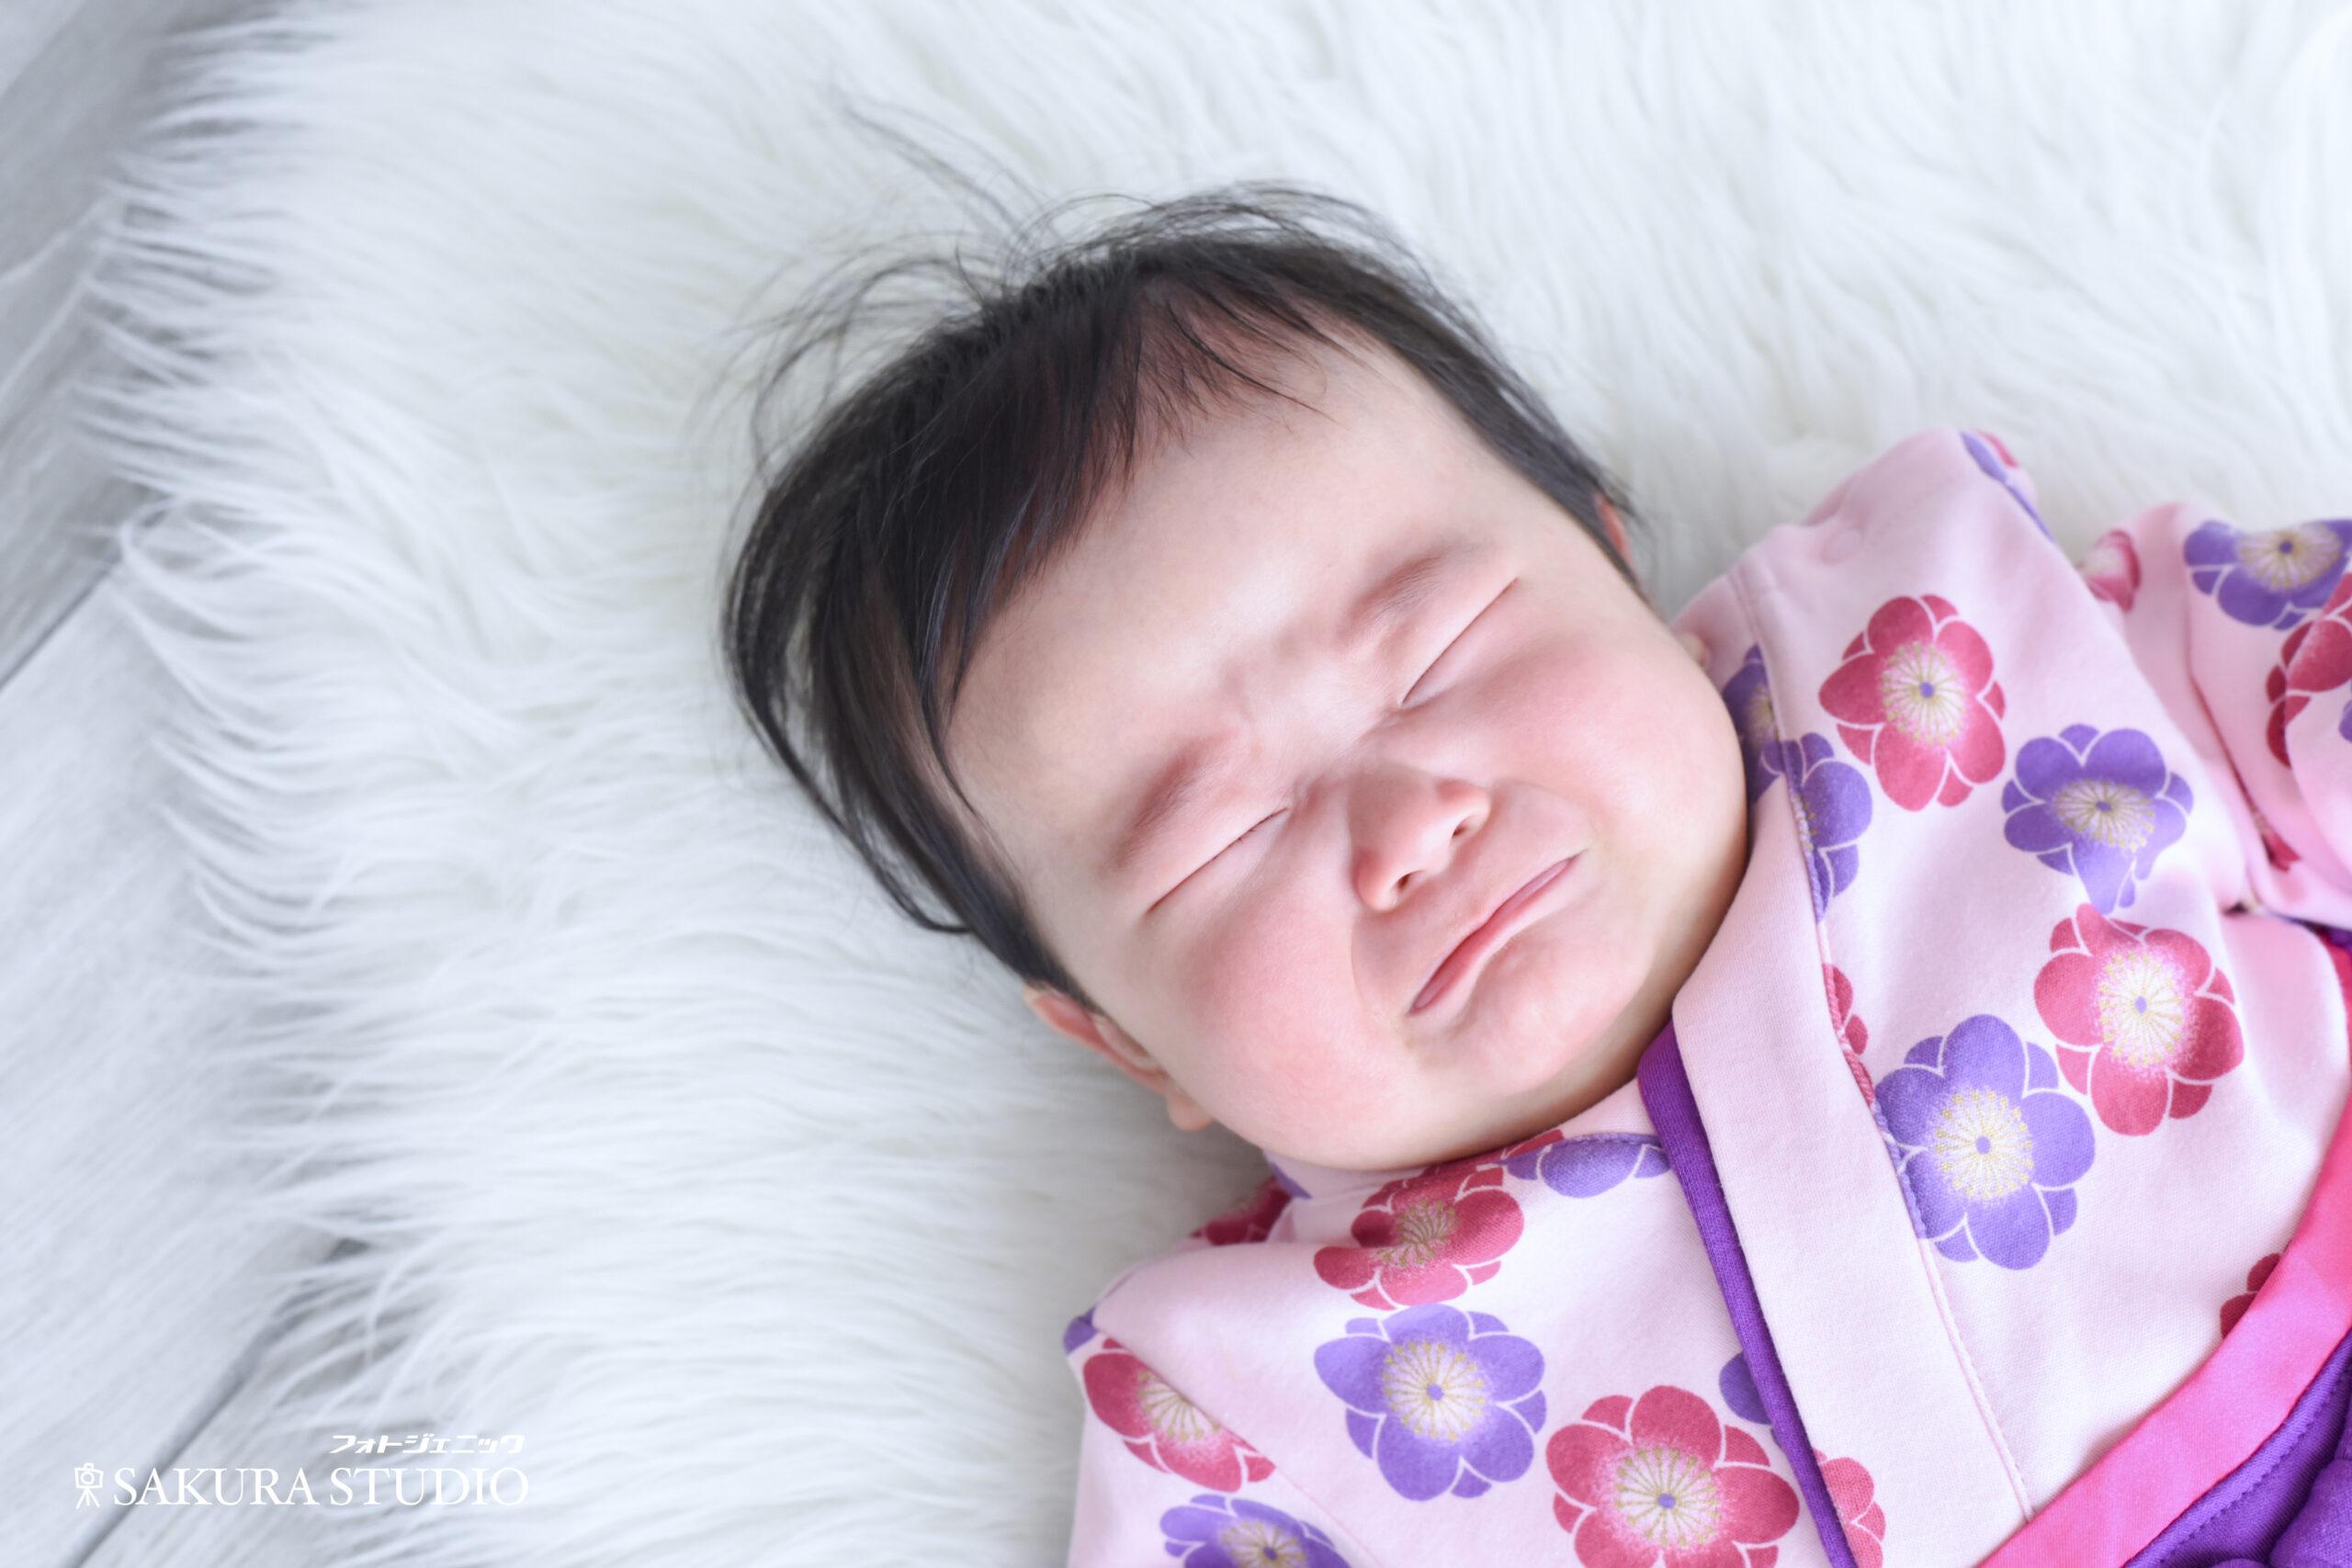 初節句 お雛様 女の子 8ヶ月 袴ロンパース ほっぺ 泣き顔 家族写真 宇都宮 写真館 フォトスタジオ フォトジェニックサクラスタジオ